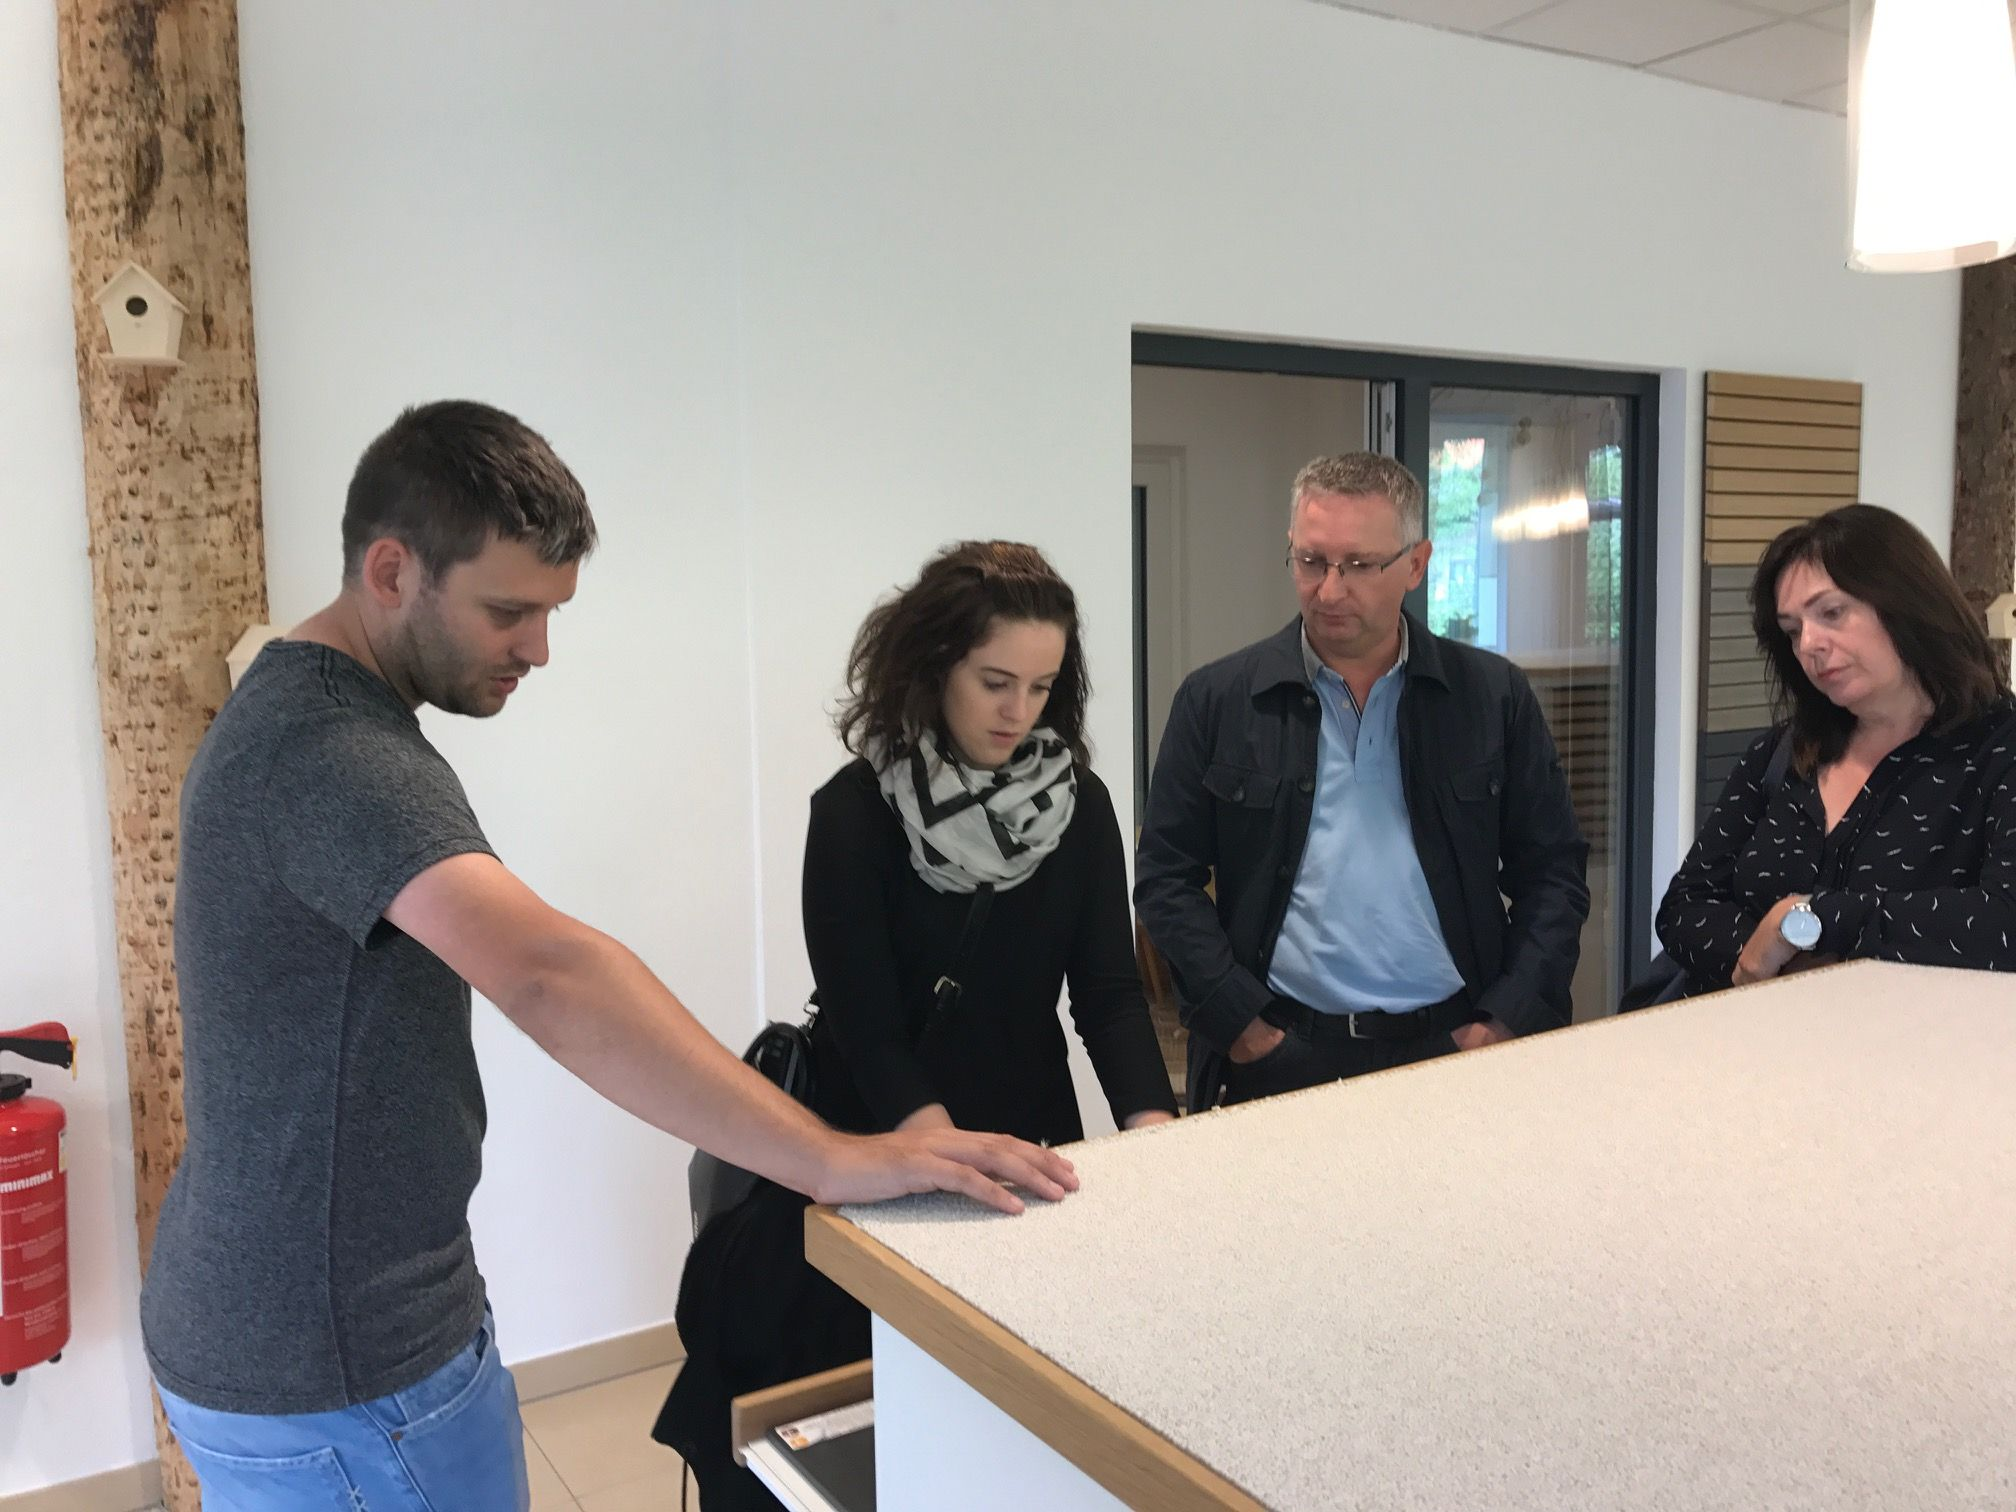 Kunden Sehen Sich Im Bemusterungszentrum Bodenwohr Bei Fischerhaus